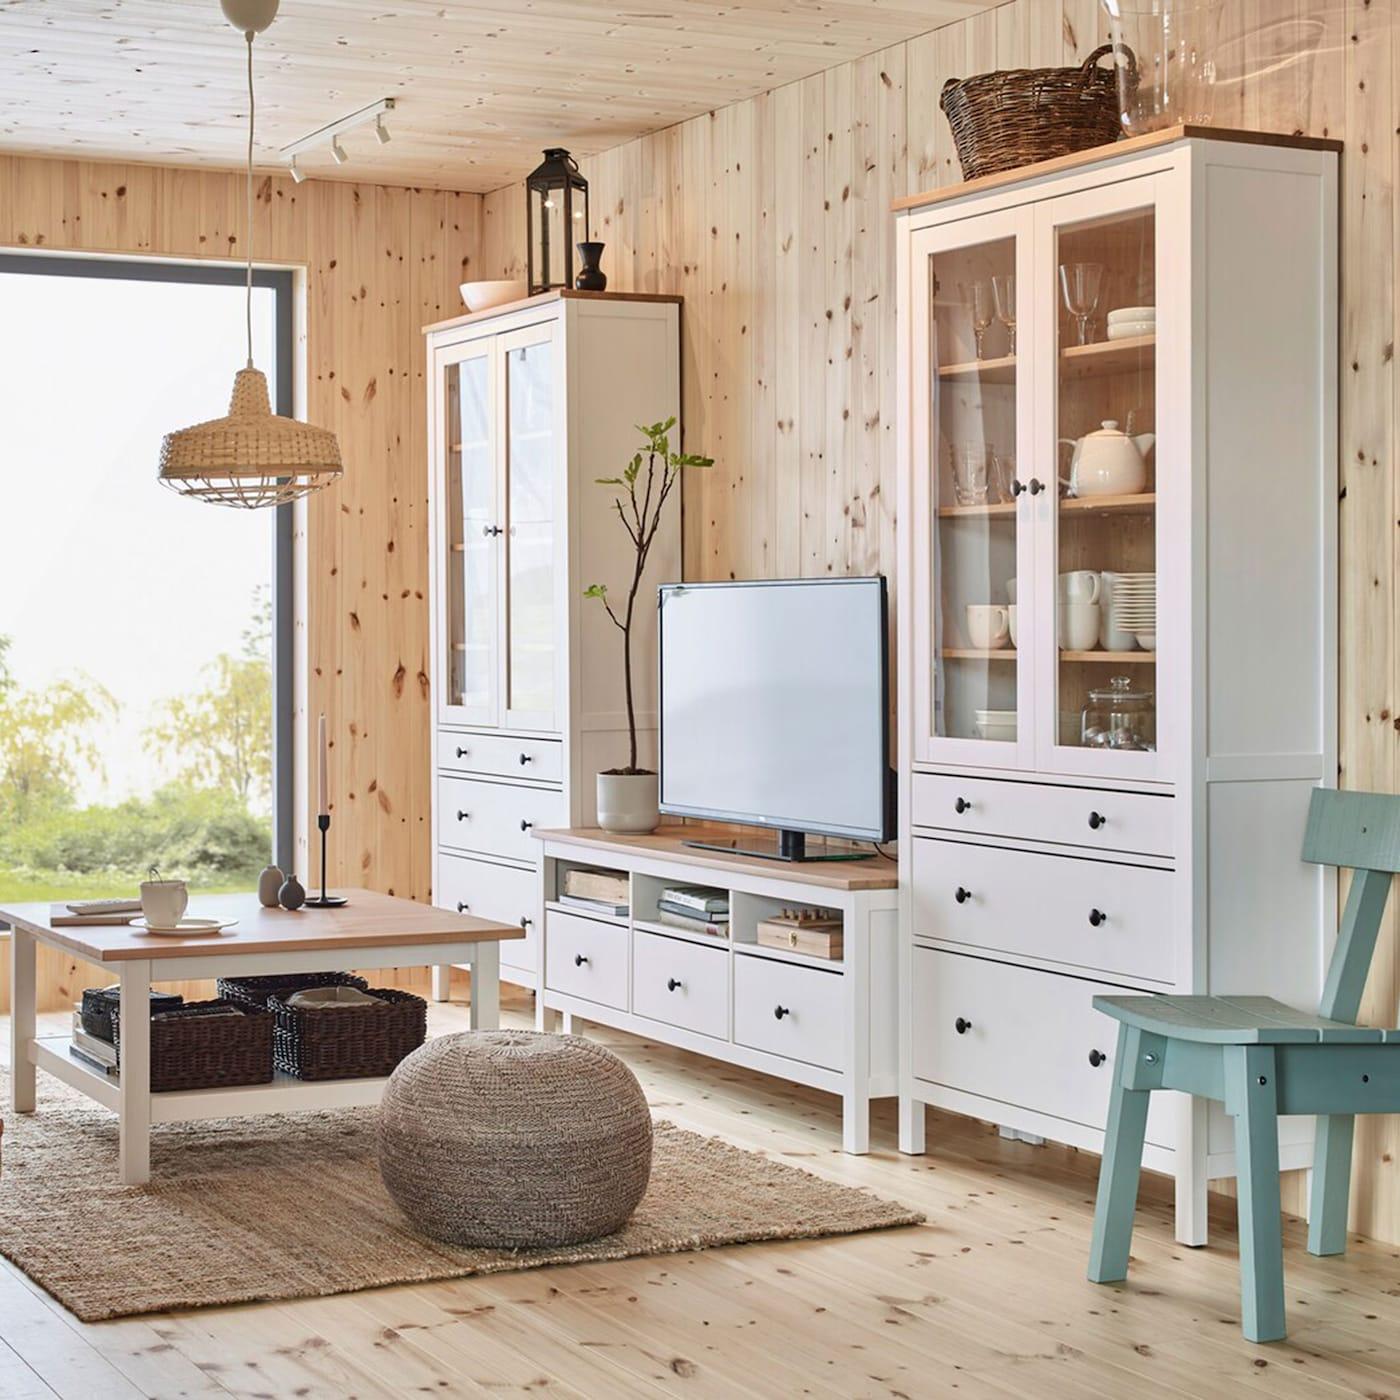 La nouvelle série de meubles HEMNES comprend des armoires, des tables et des tablettes réalisées en pin naturel. Fais entrer la nature dans le séjour.